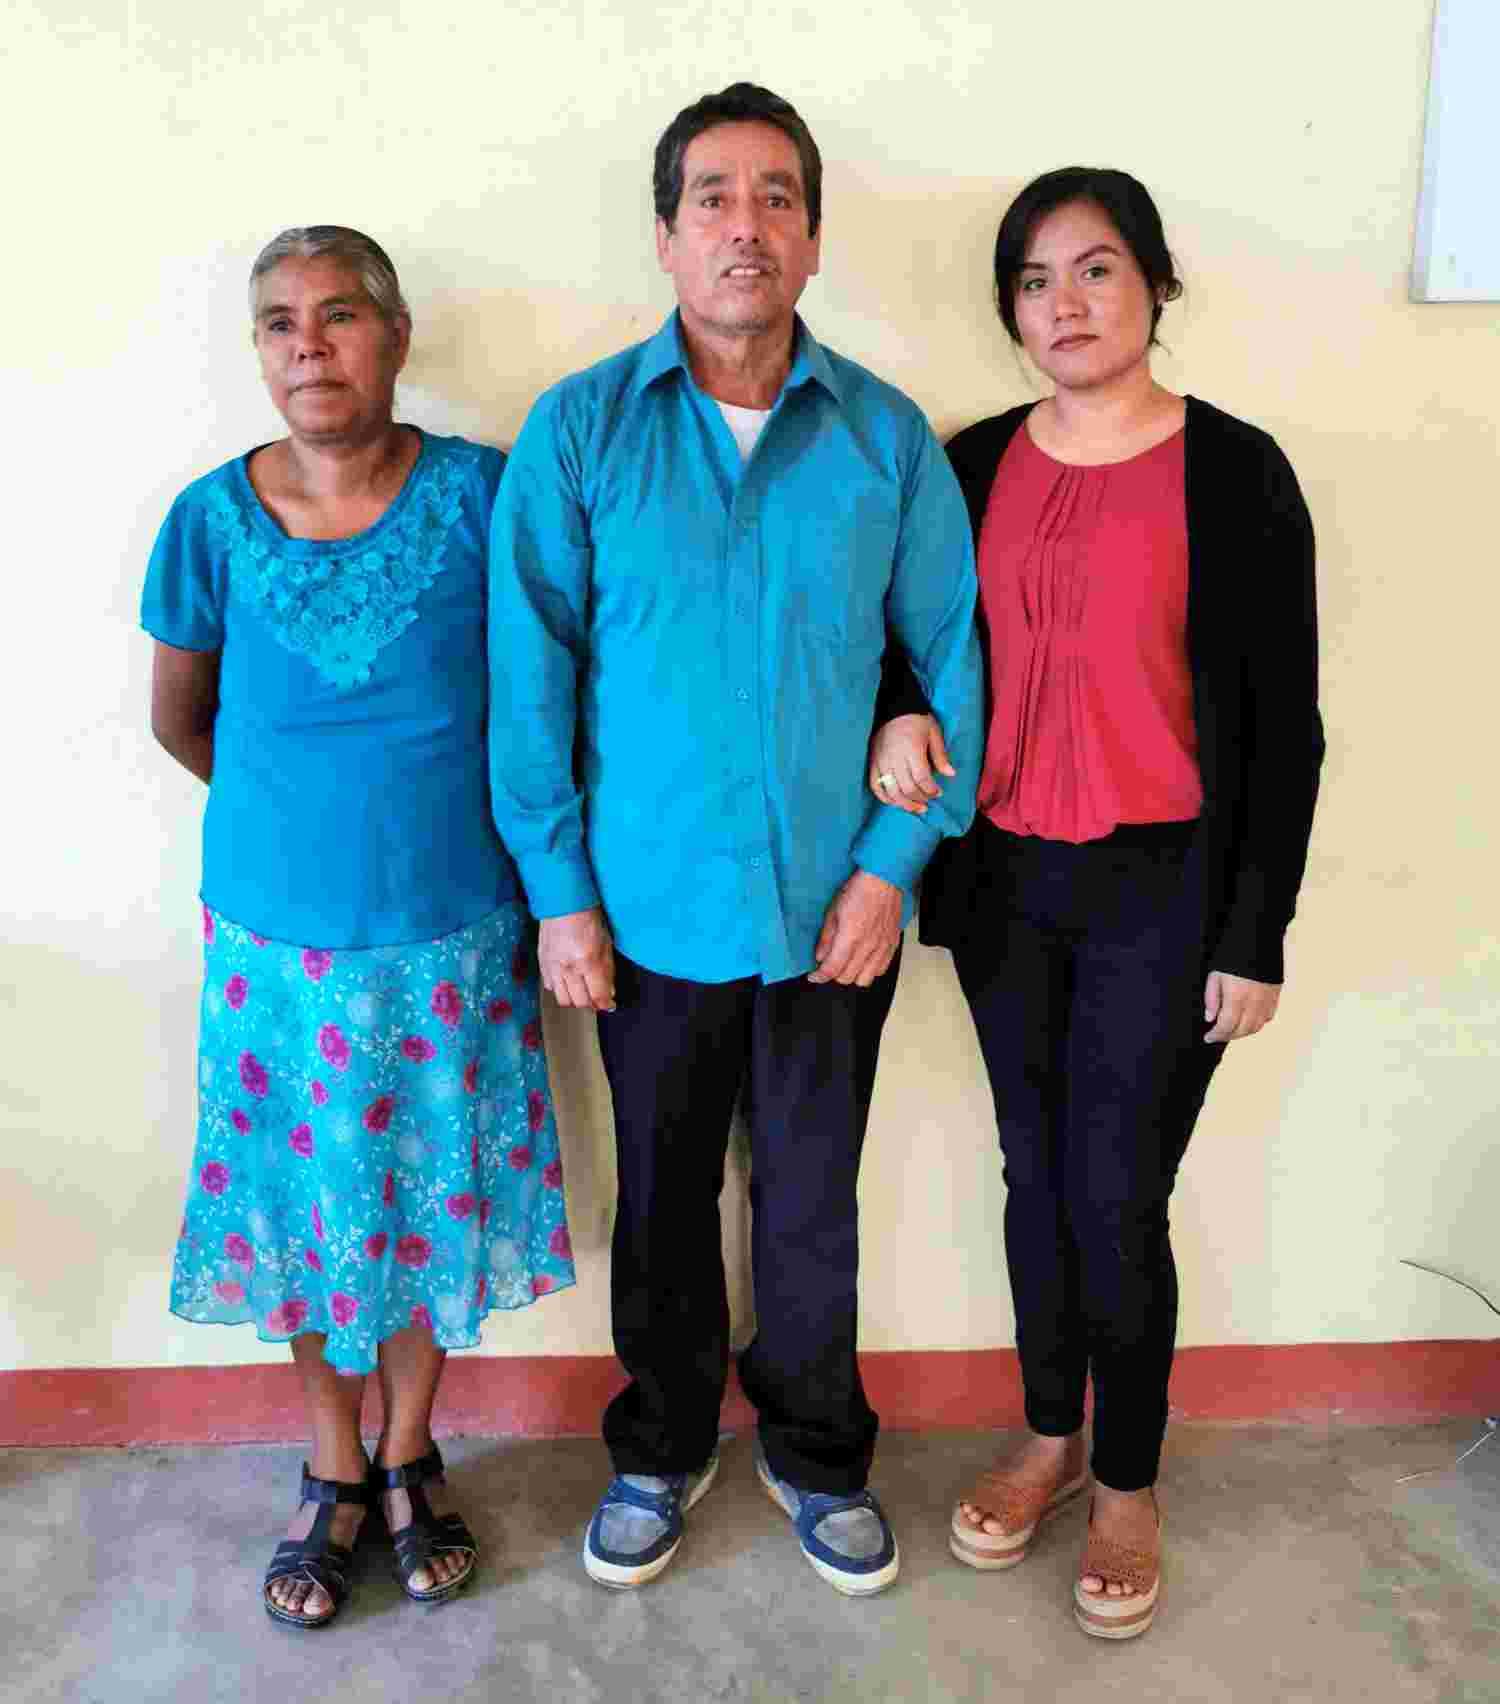 Protestant family from Santa Lucia Buenavista, Jamiltepec Santiago Ixtayutla Municipality, Oaxaca